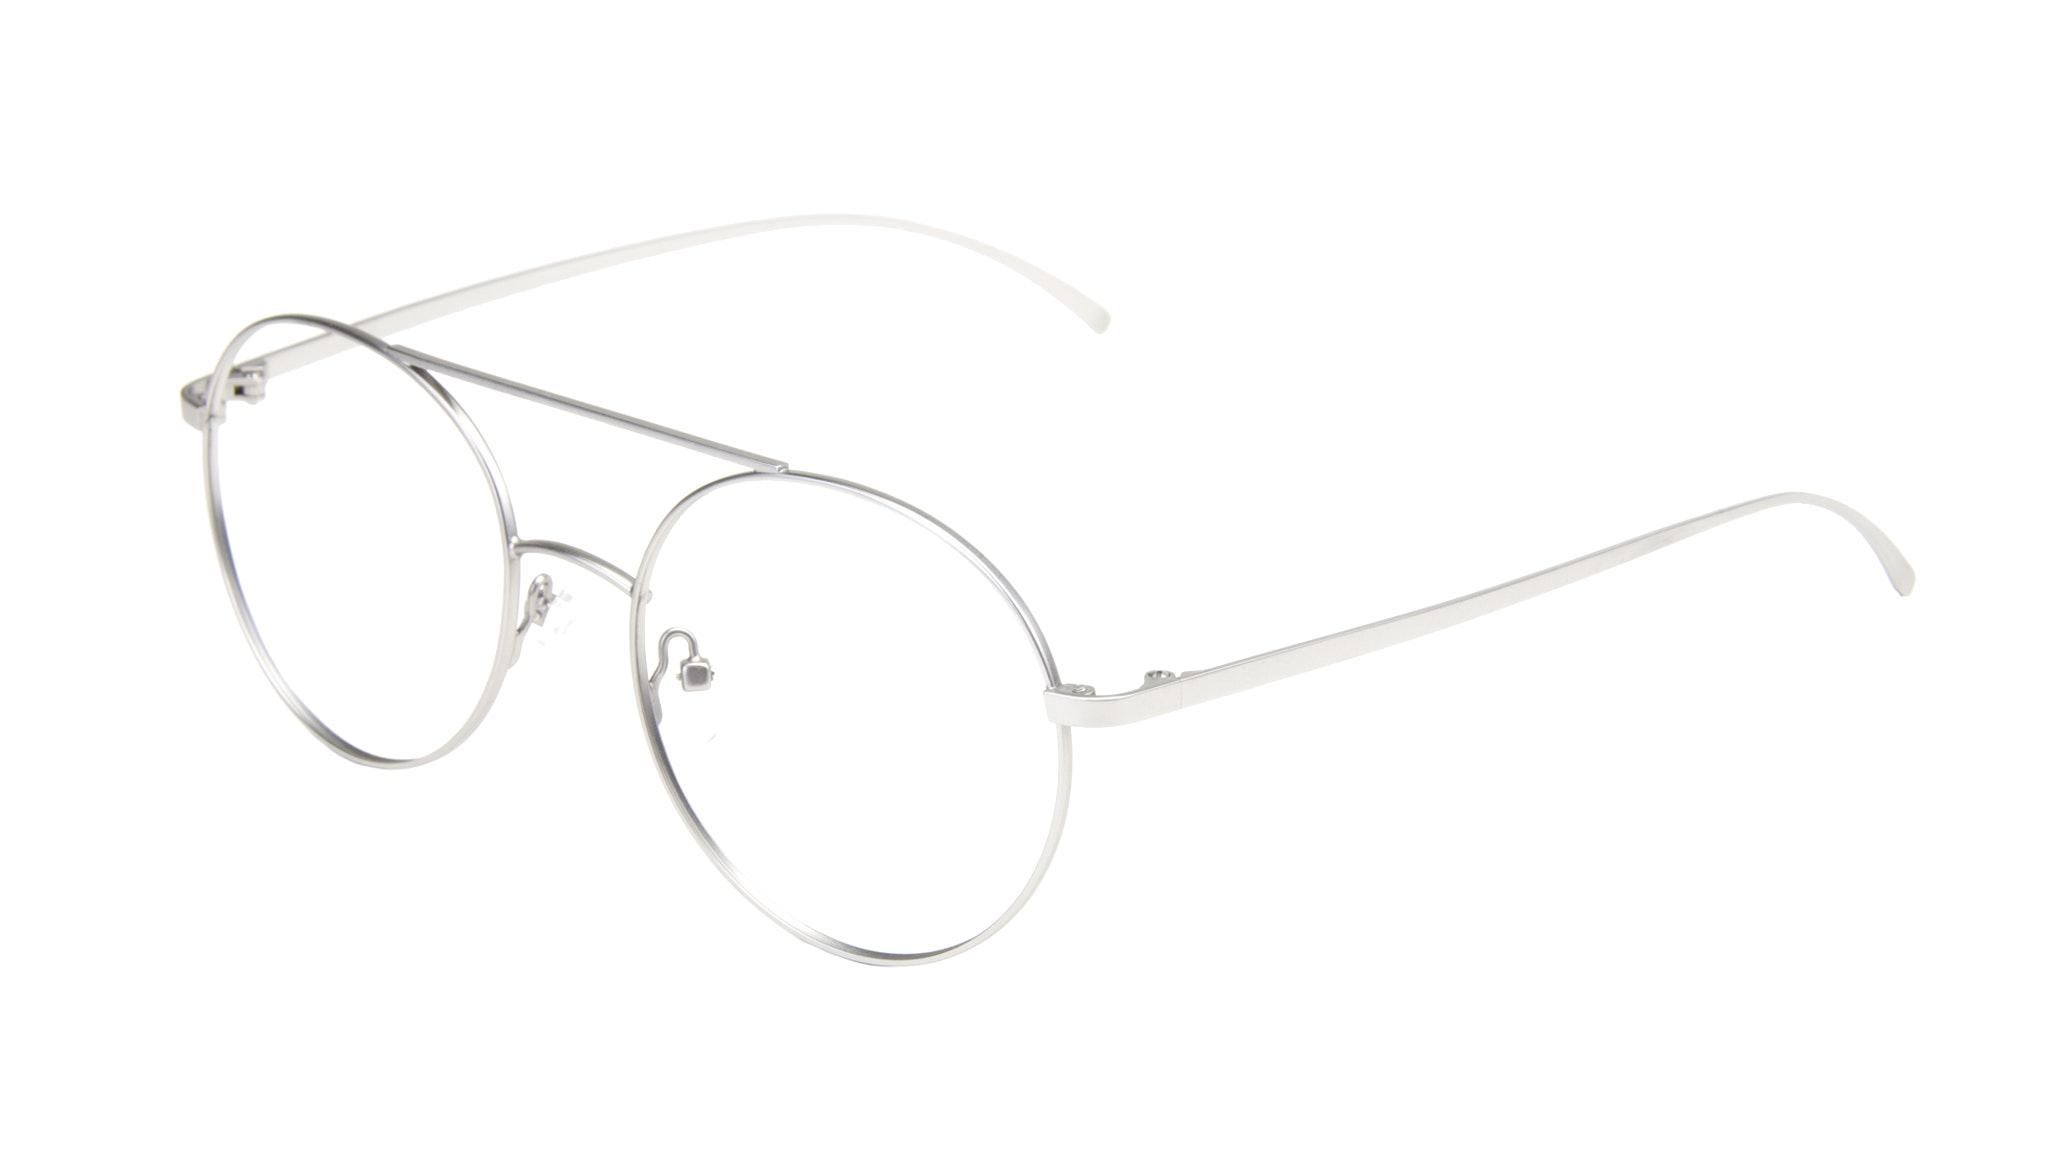 Affordable Fashion Glasses Aviator Round Eyeglasses Women Baby Steel Tilt